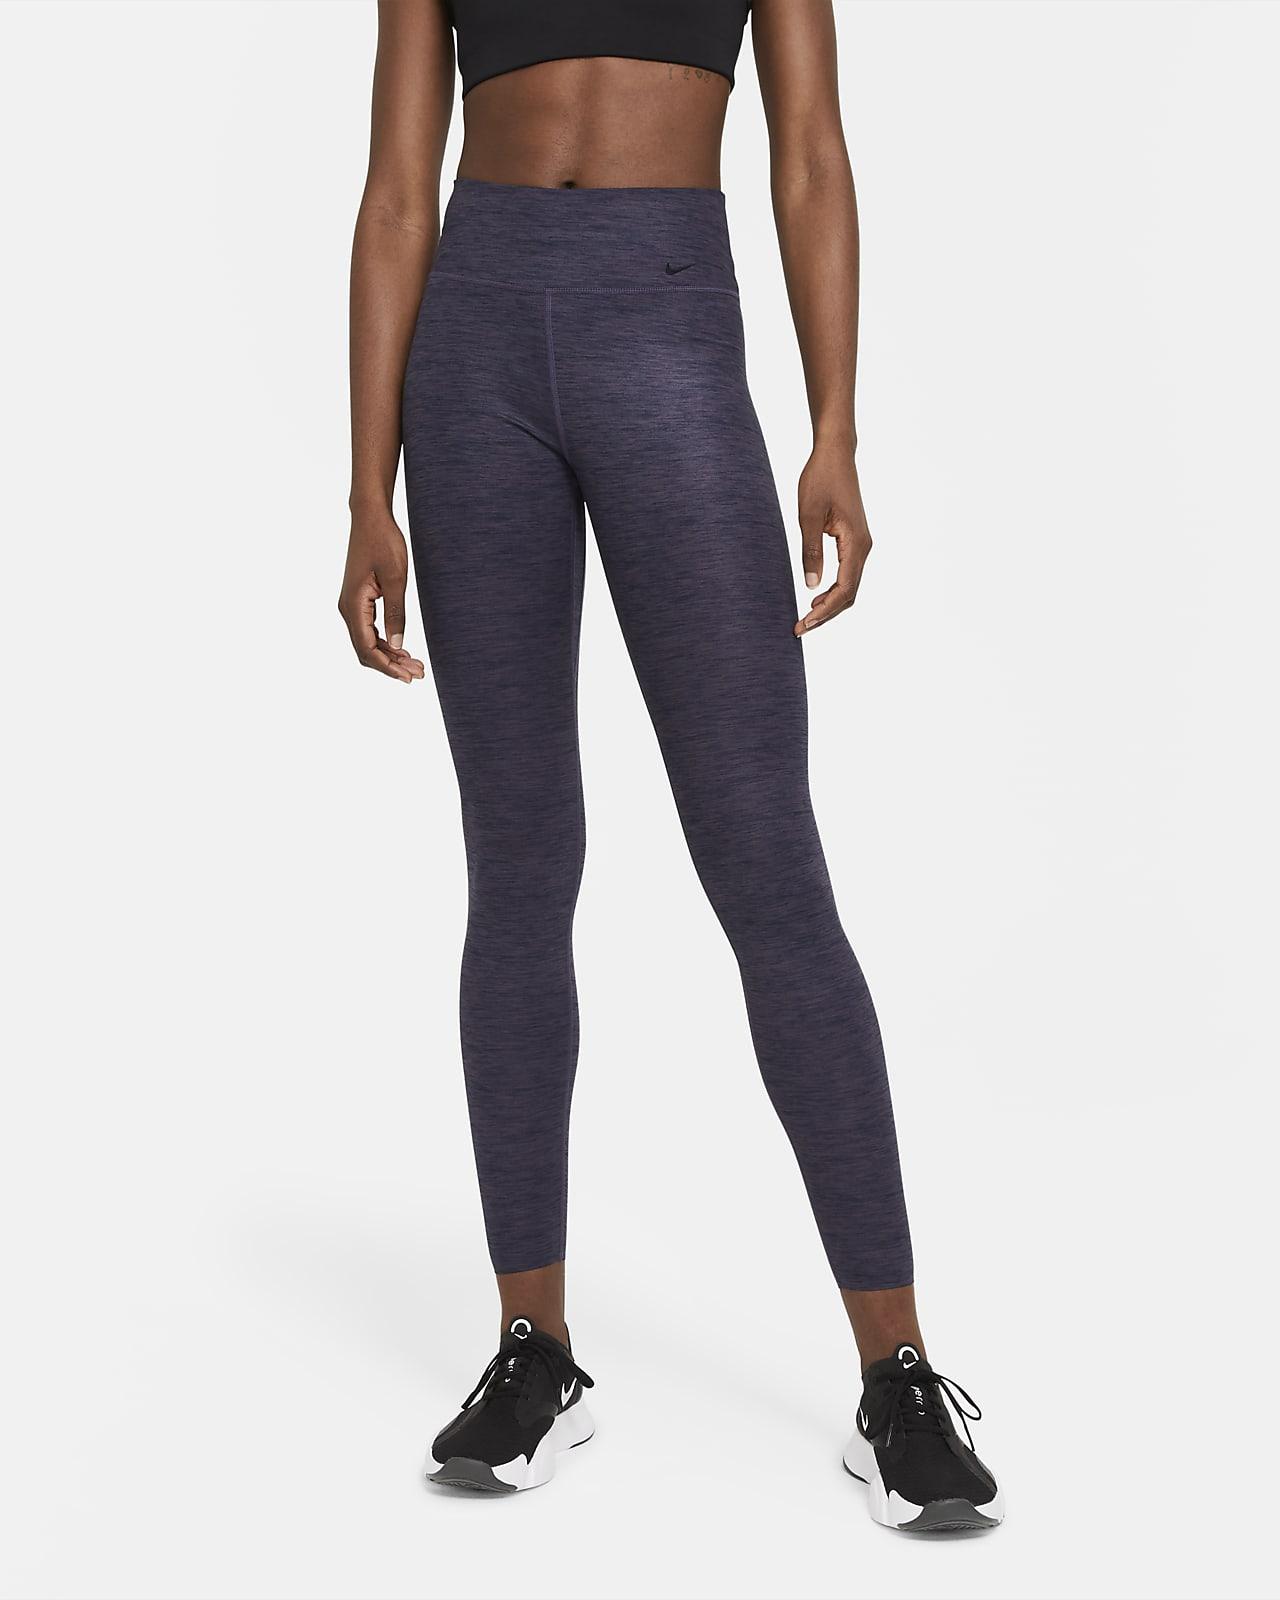 Tights entrançadas de cintura normal Nike One Luxe para mulher